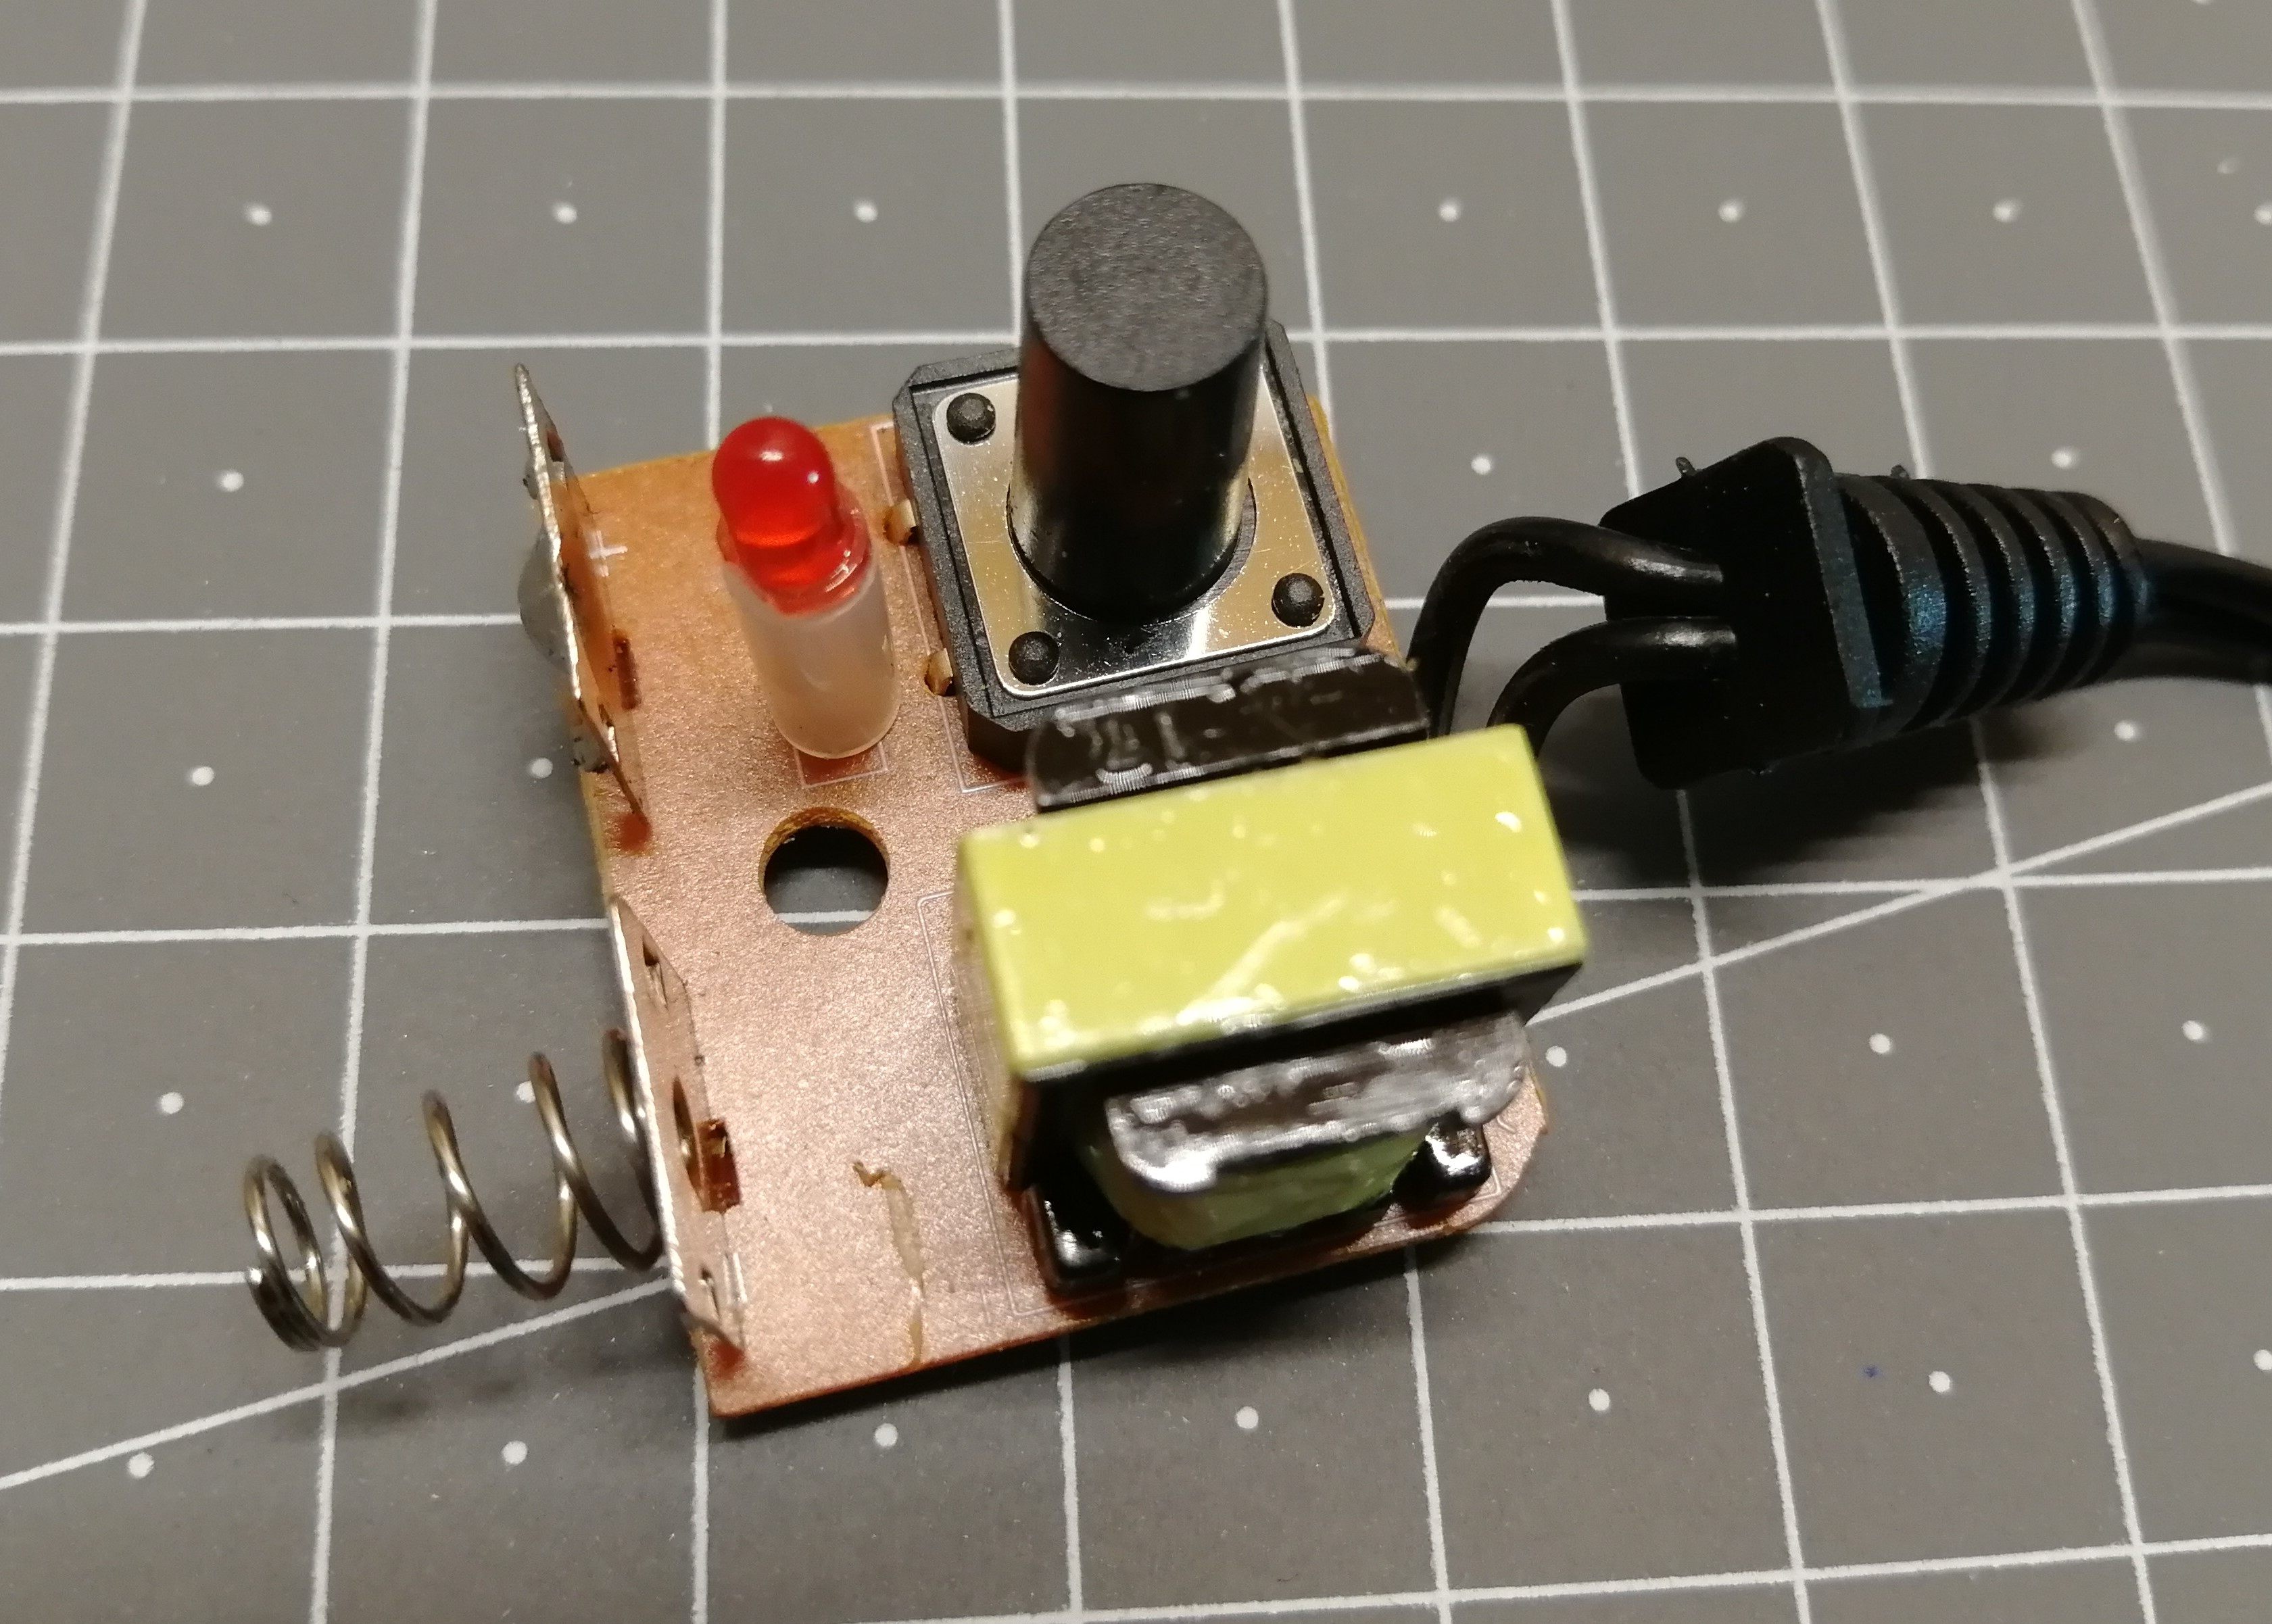 hacking an el wire inverter splitbrain org rh splitbrain org diy el wire inverter schematic